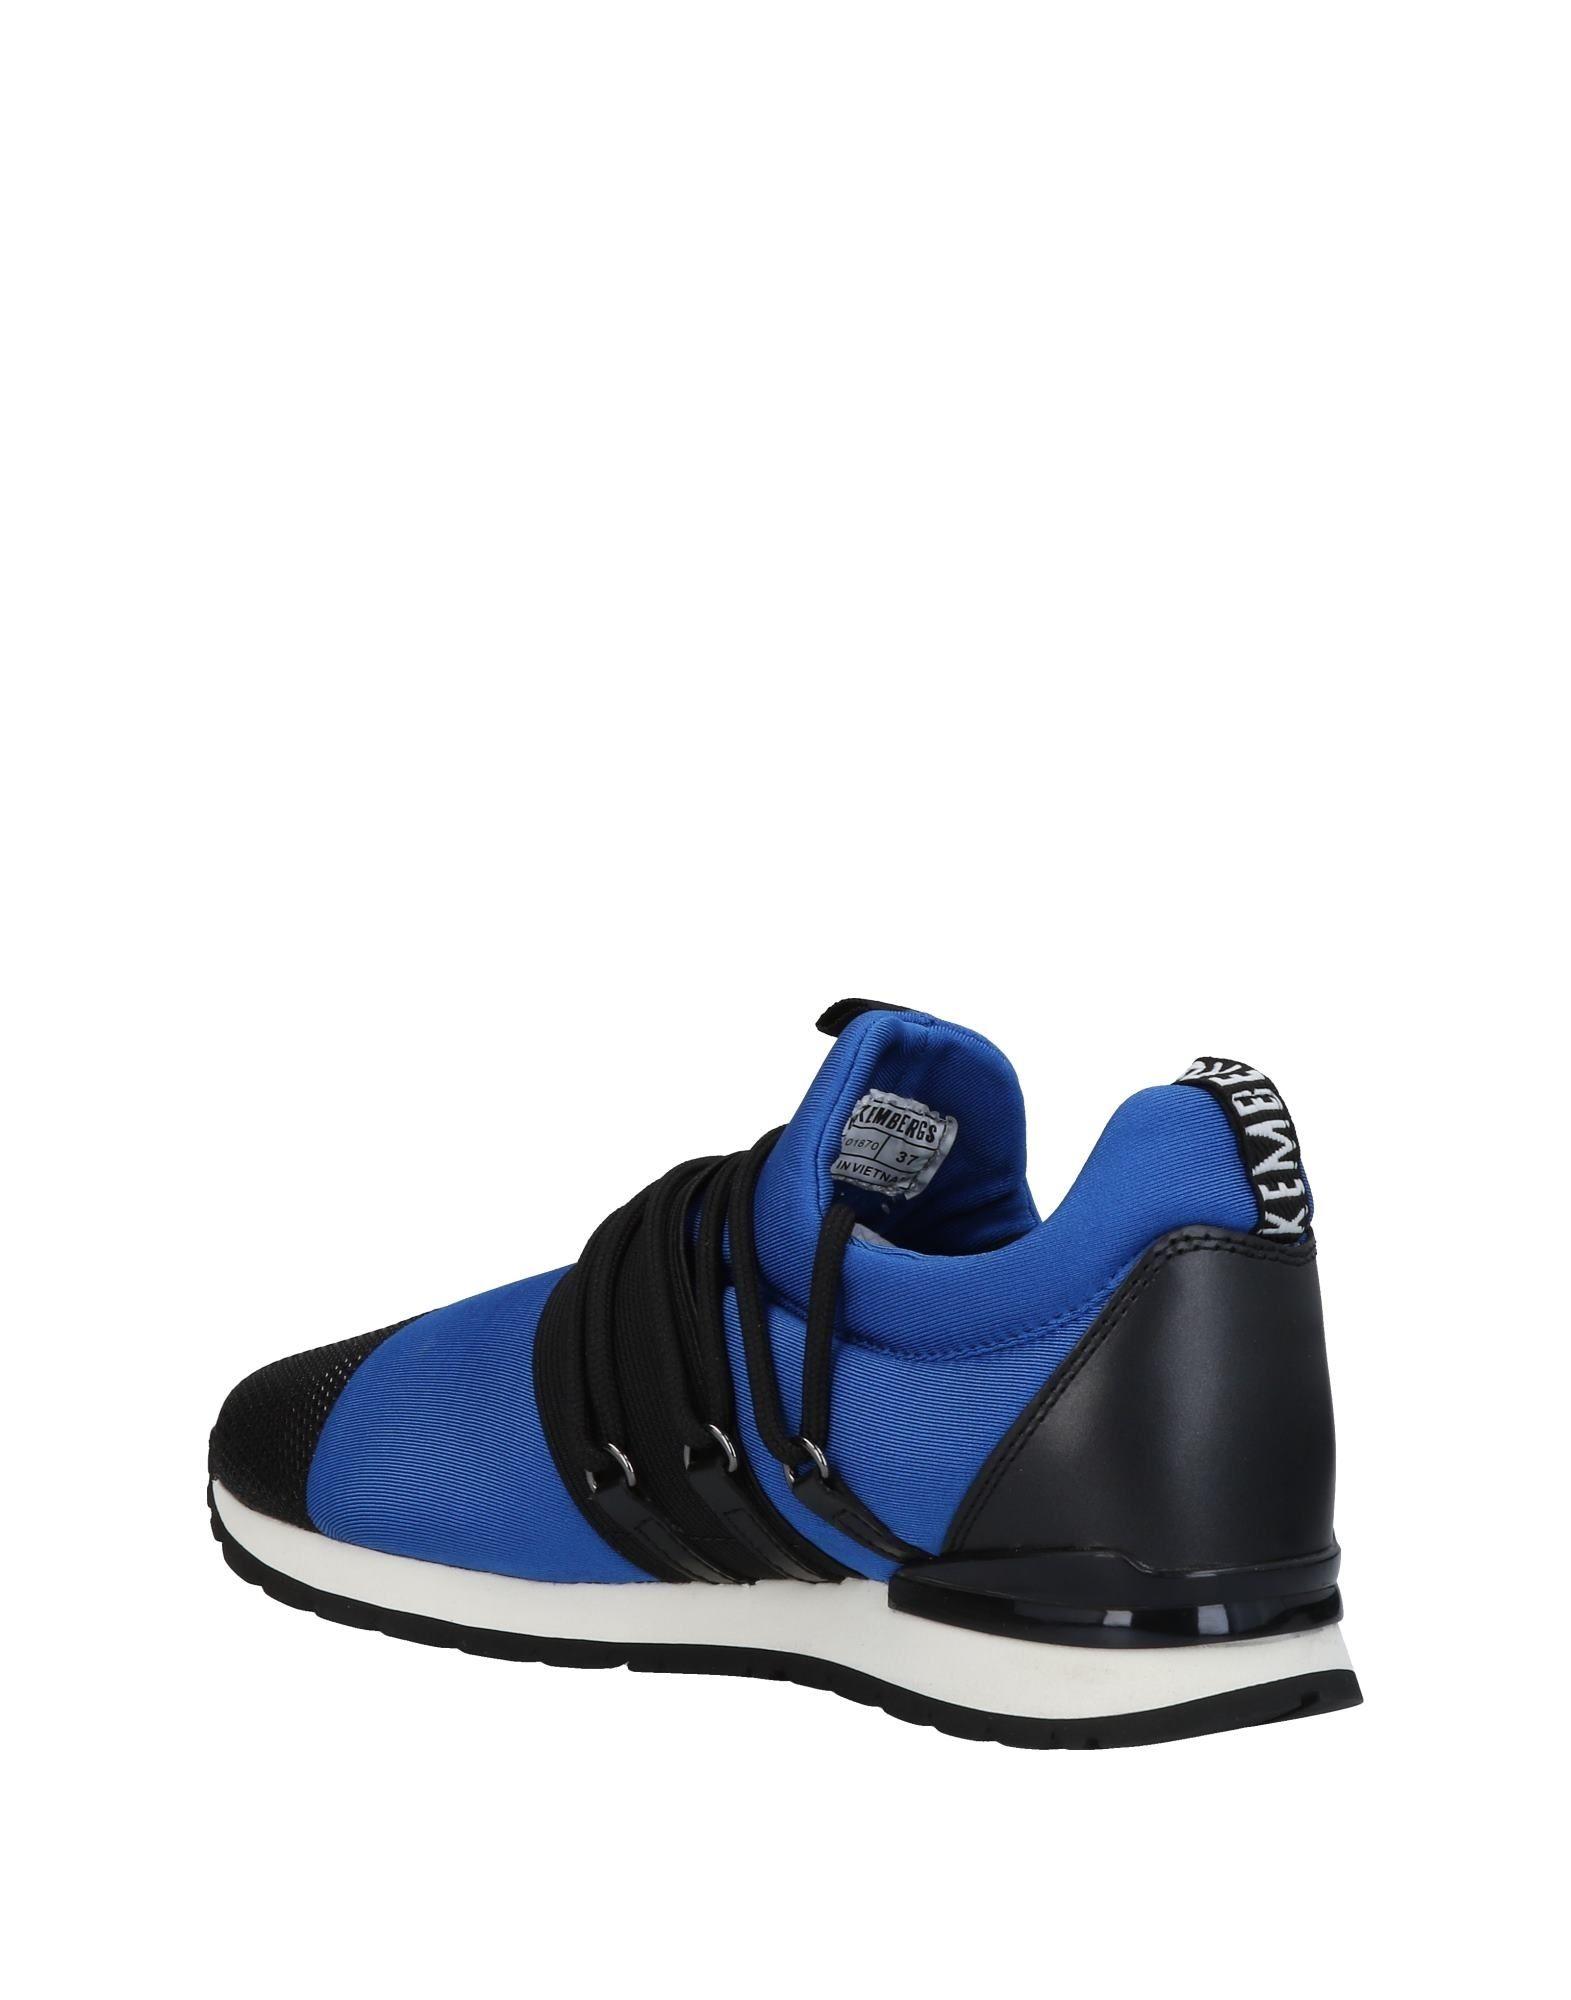 Haltbare  Mode billige Schuhe Bikkembergs Sneakers Damen  Haltbare 11450592OG Heiße Schuhe 588b0e